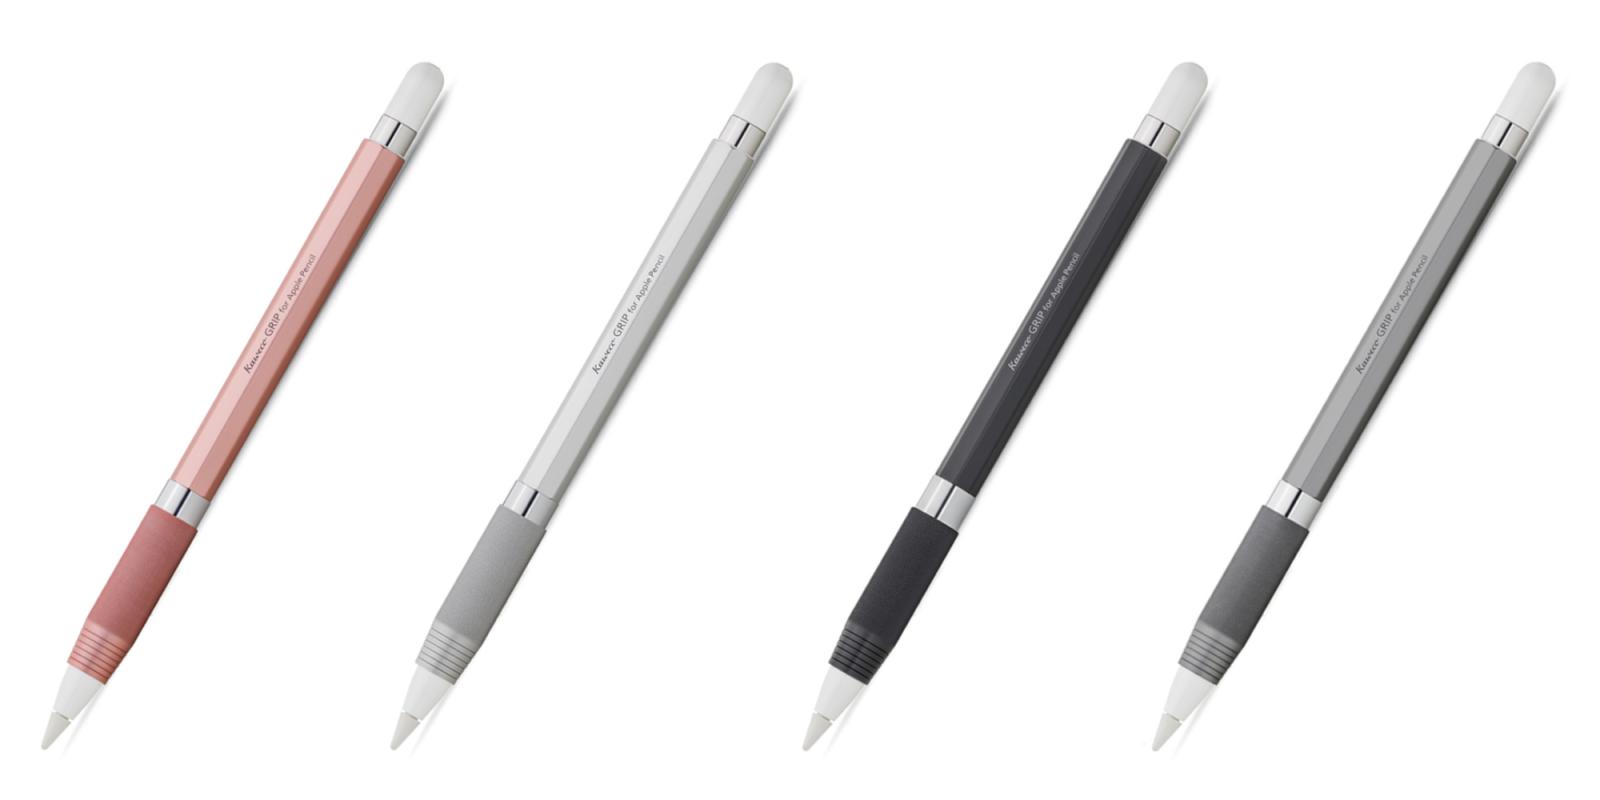 Kaweco unveils new aluminum Apple Pencil grip with octagonal, ergonomic design